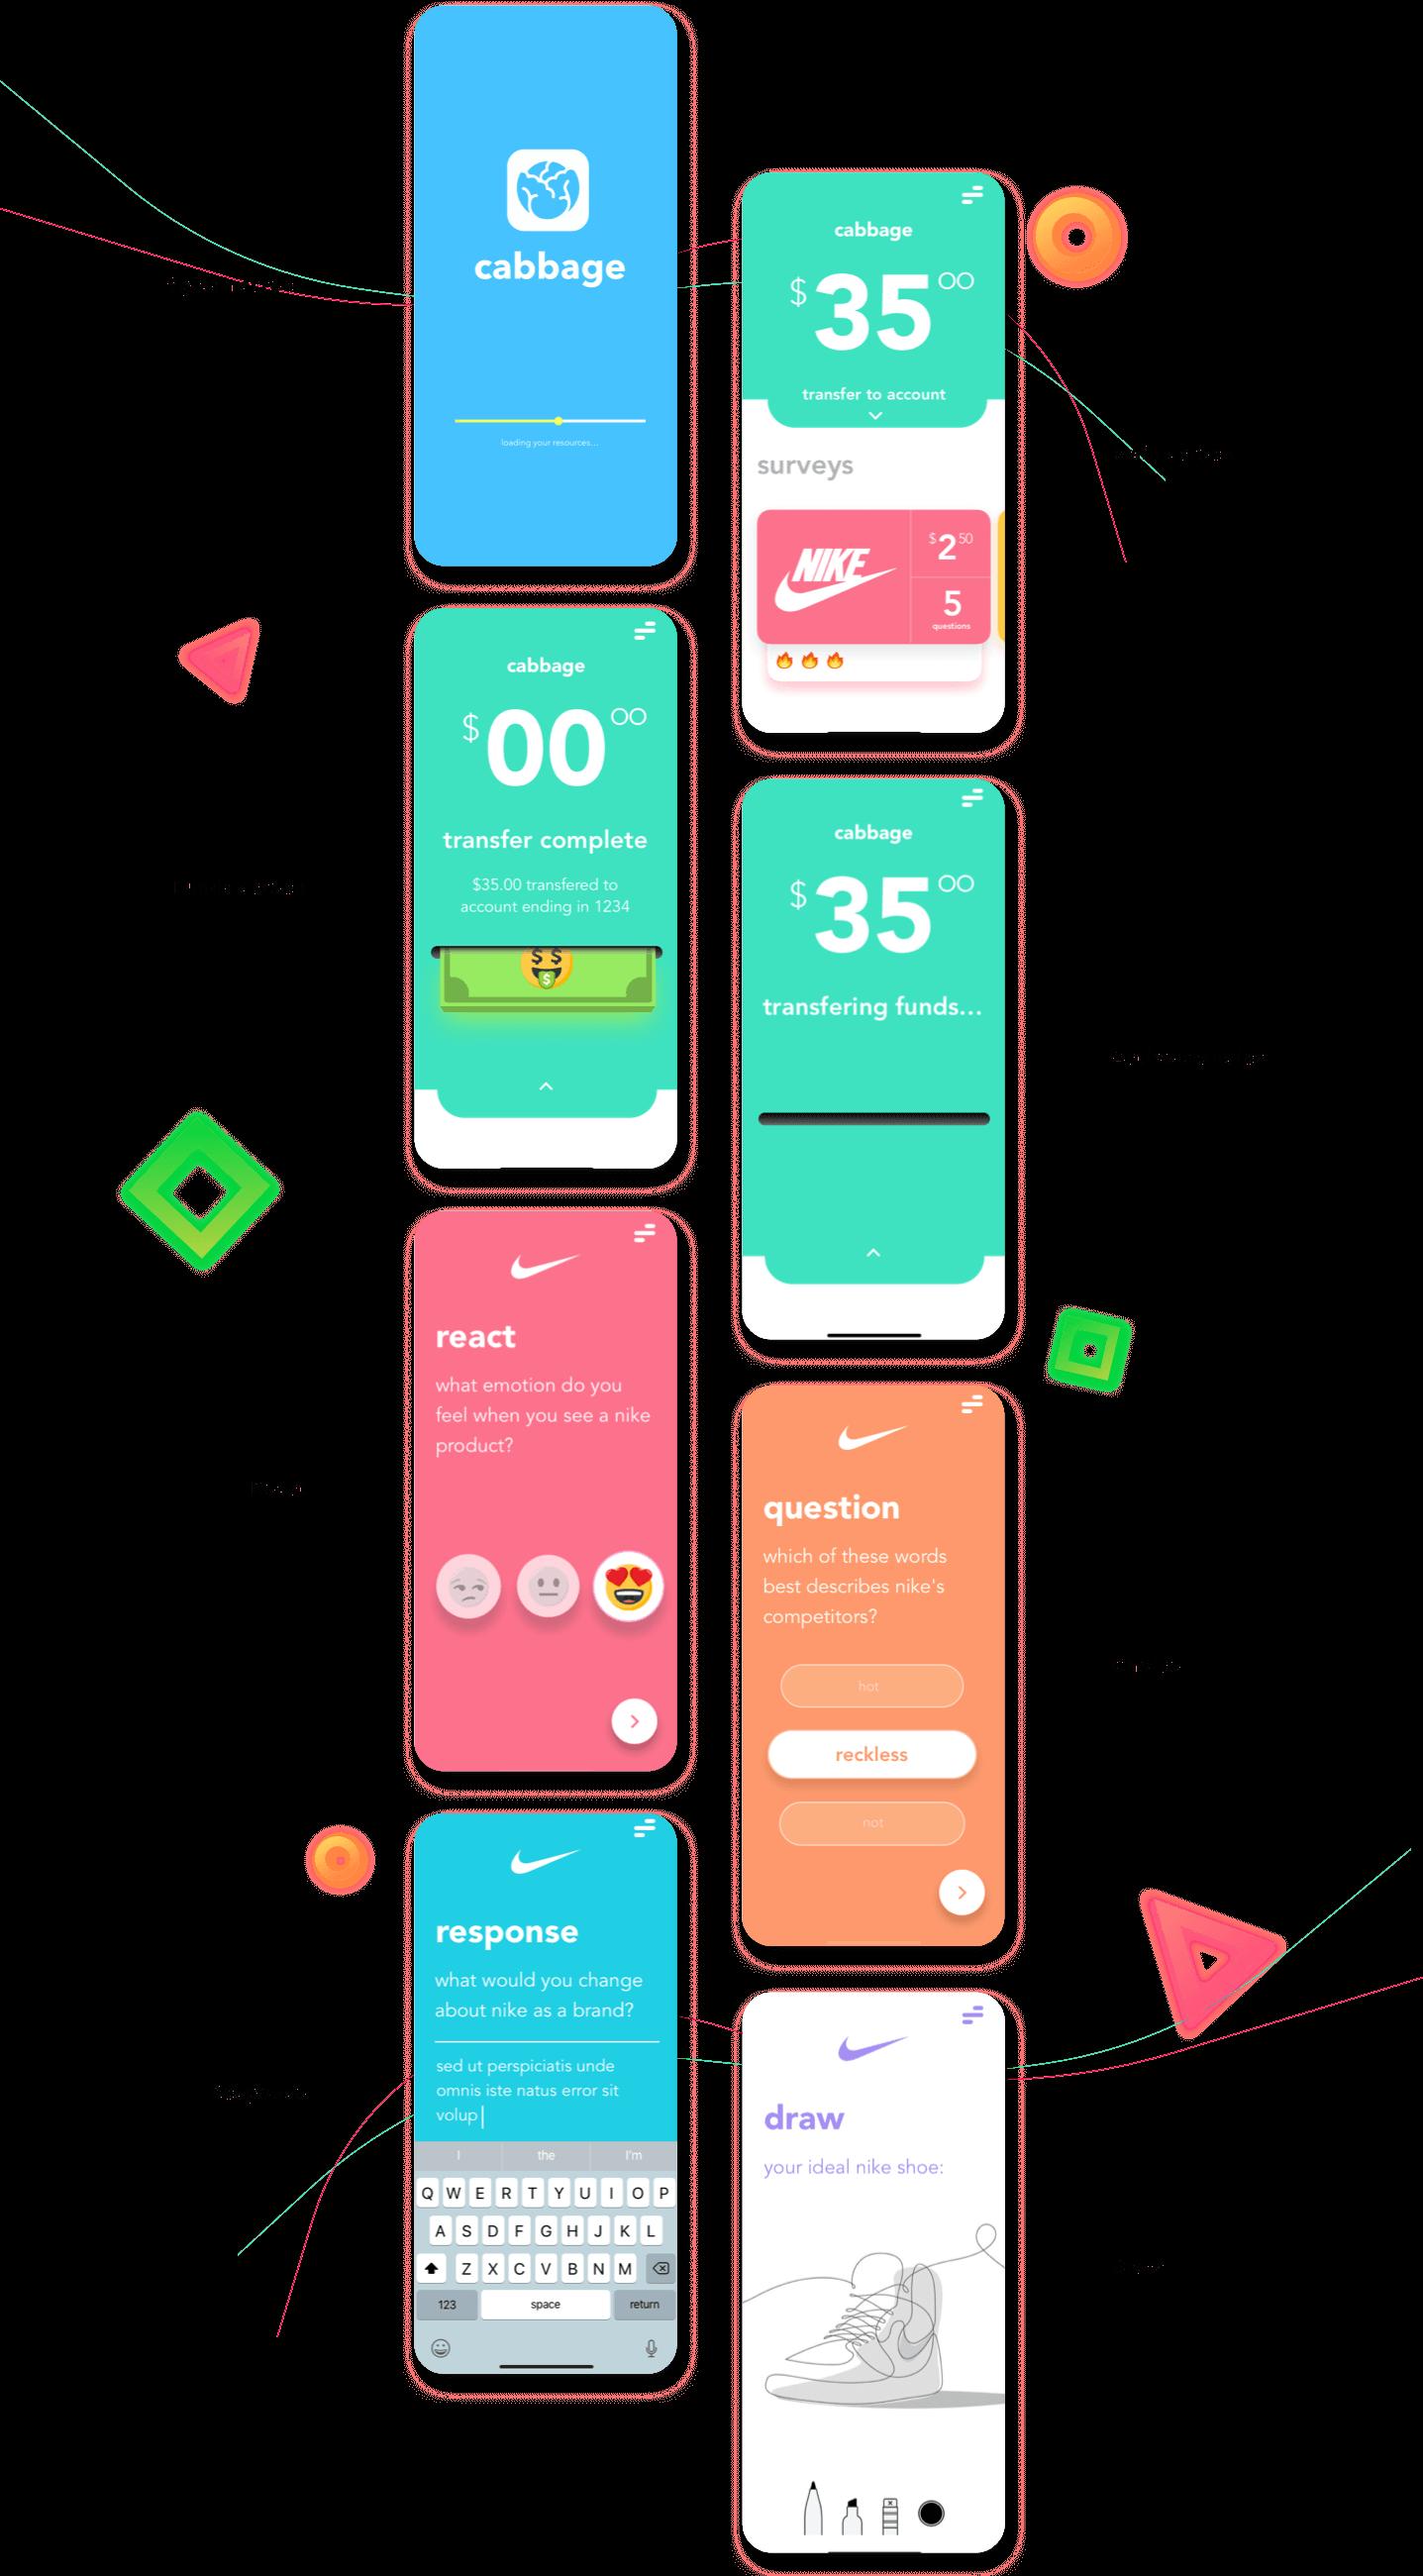 App Design, Mobile App, App Development, Design, Development, User Experience, Cincinnati, Canned Spinach